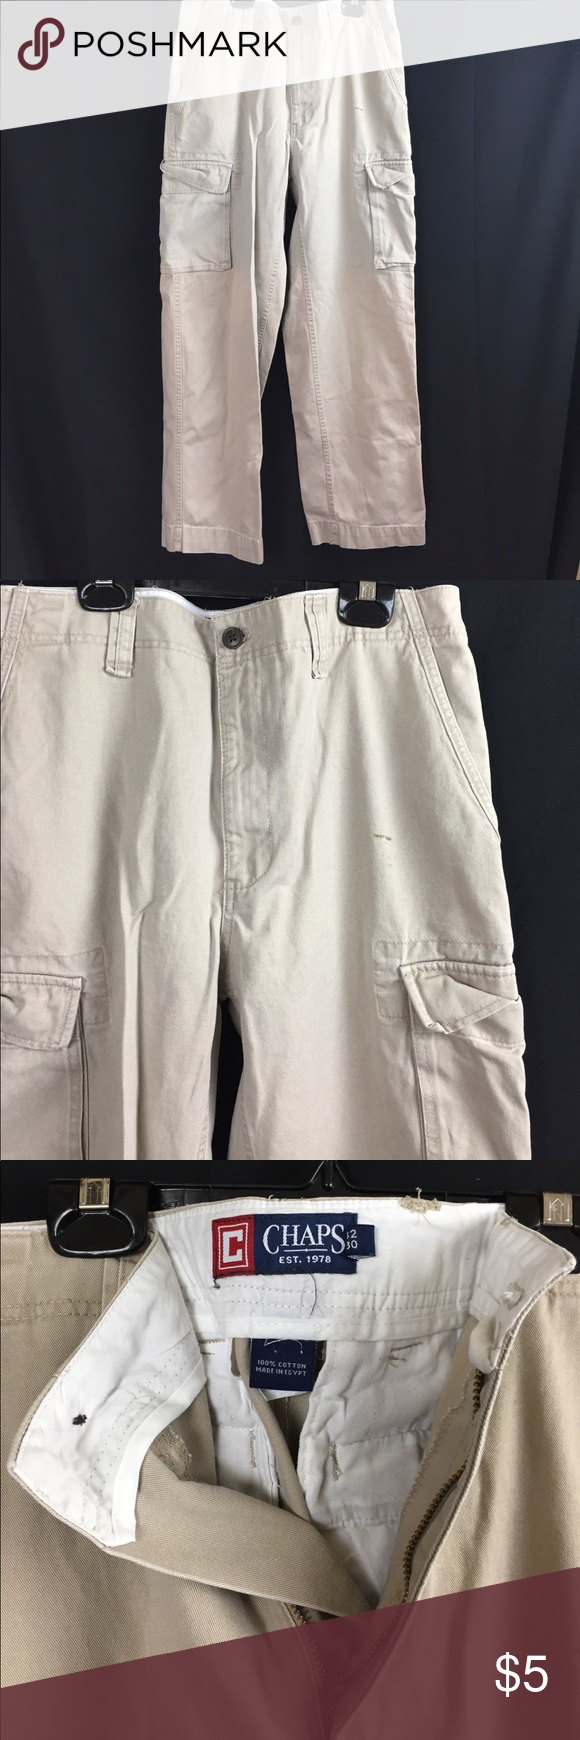 Chaps Work pants 7/10 stain on front, belt loop broken 32 x 30 Pants Cargo